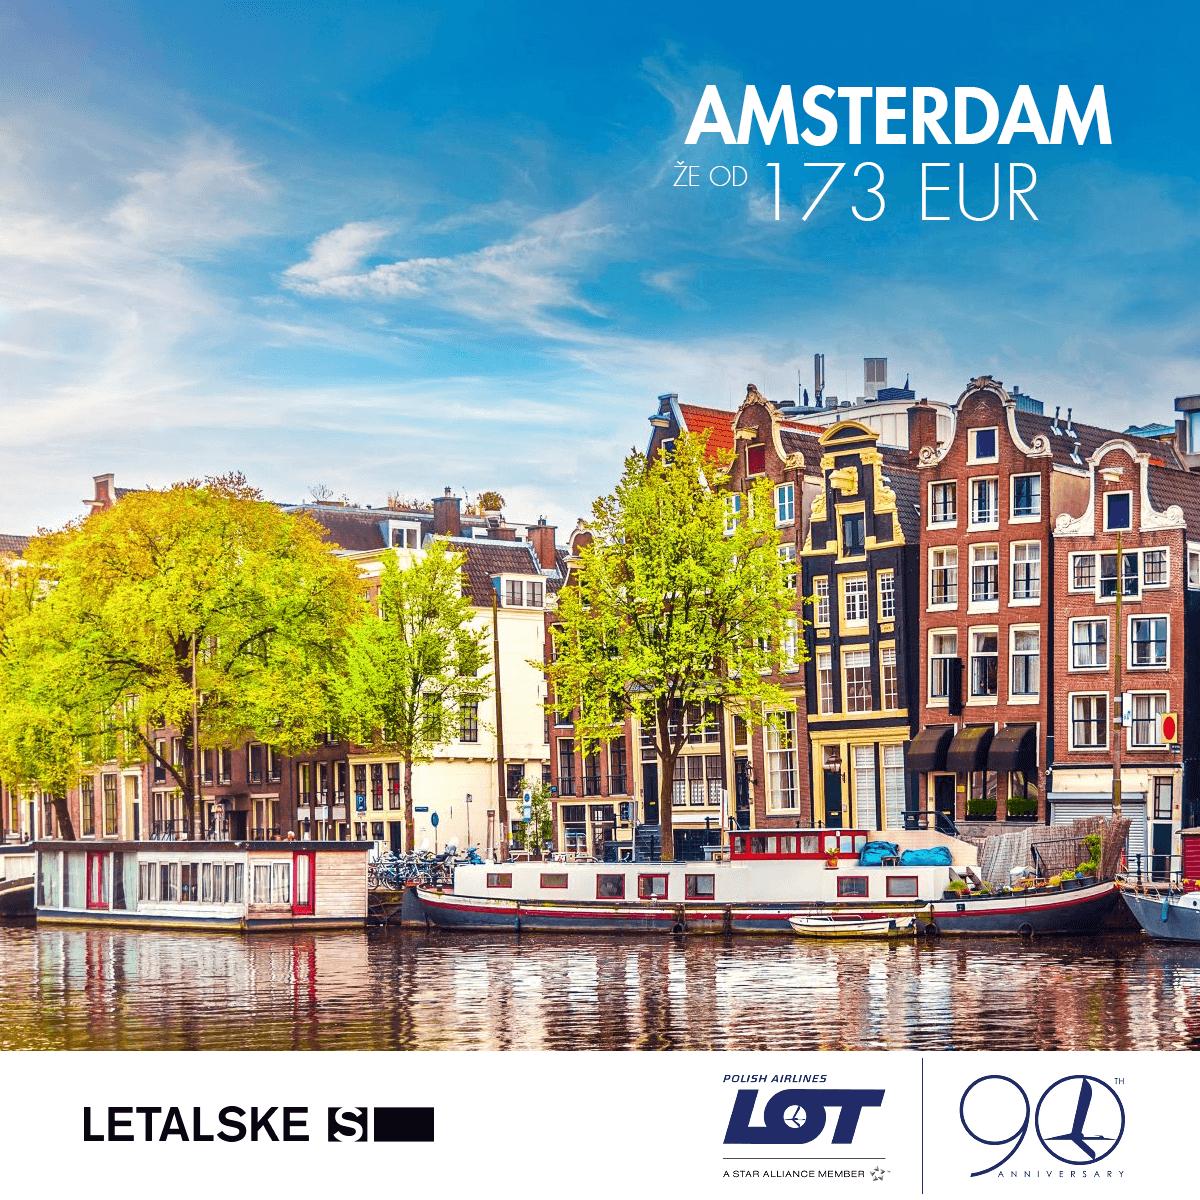 Amsterdam vizual, Amsterdam već od 1500 kuna, Amsterdam jeftine avio karte, putovanje za Amsterdam